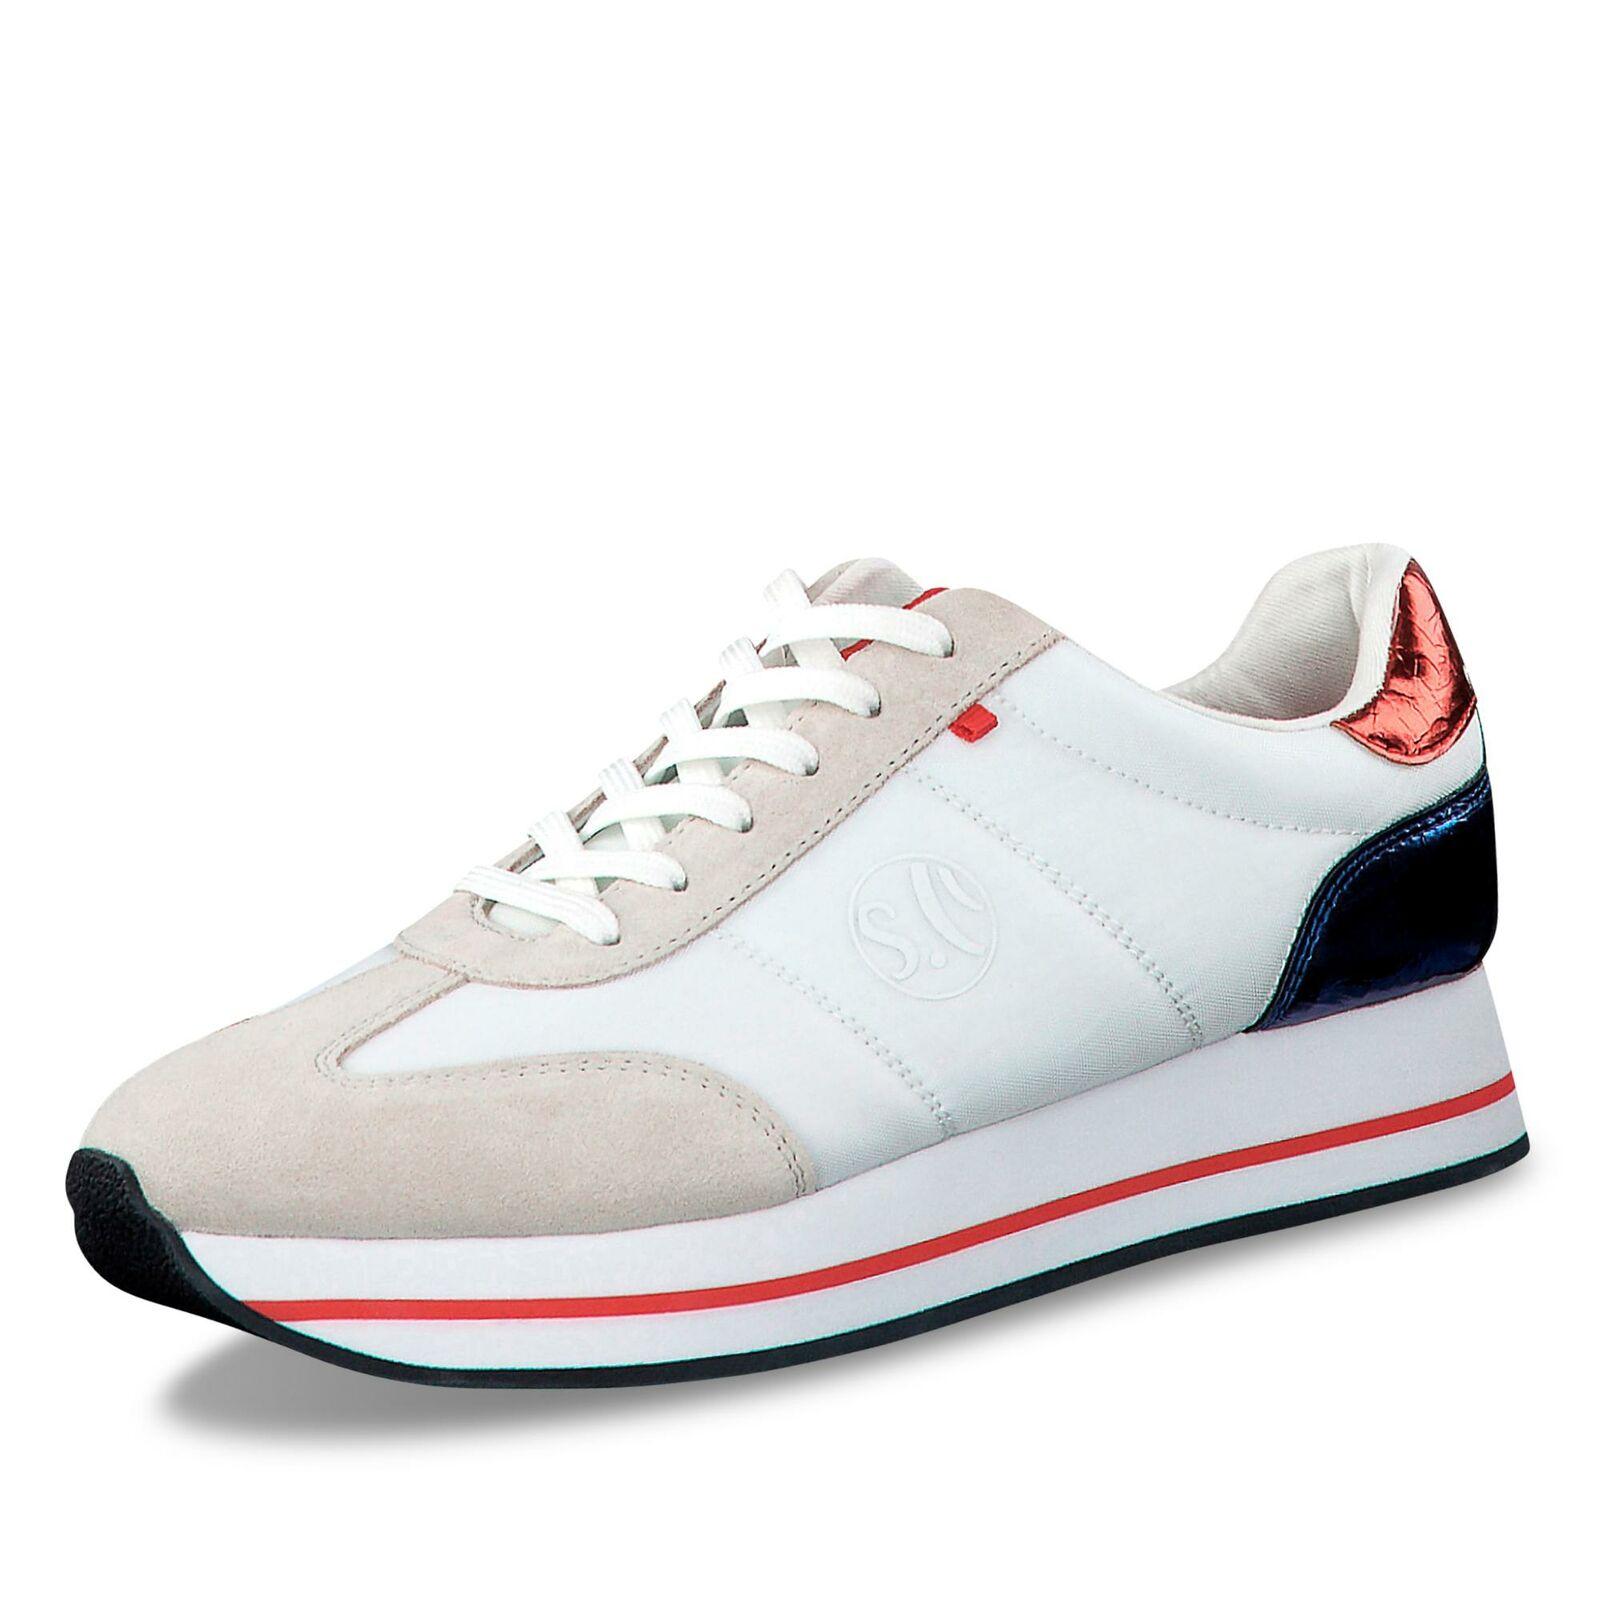 S.Oliver Damen Turnschuhe low Schnürschuhe Freizeitschuhe Halbschuh Komfort Schuhe